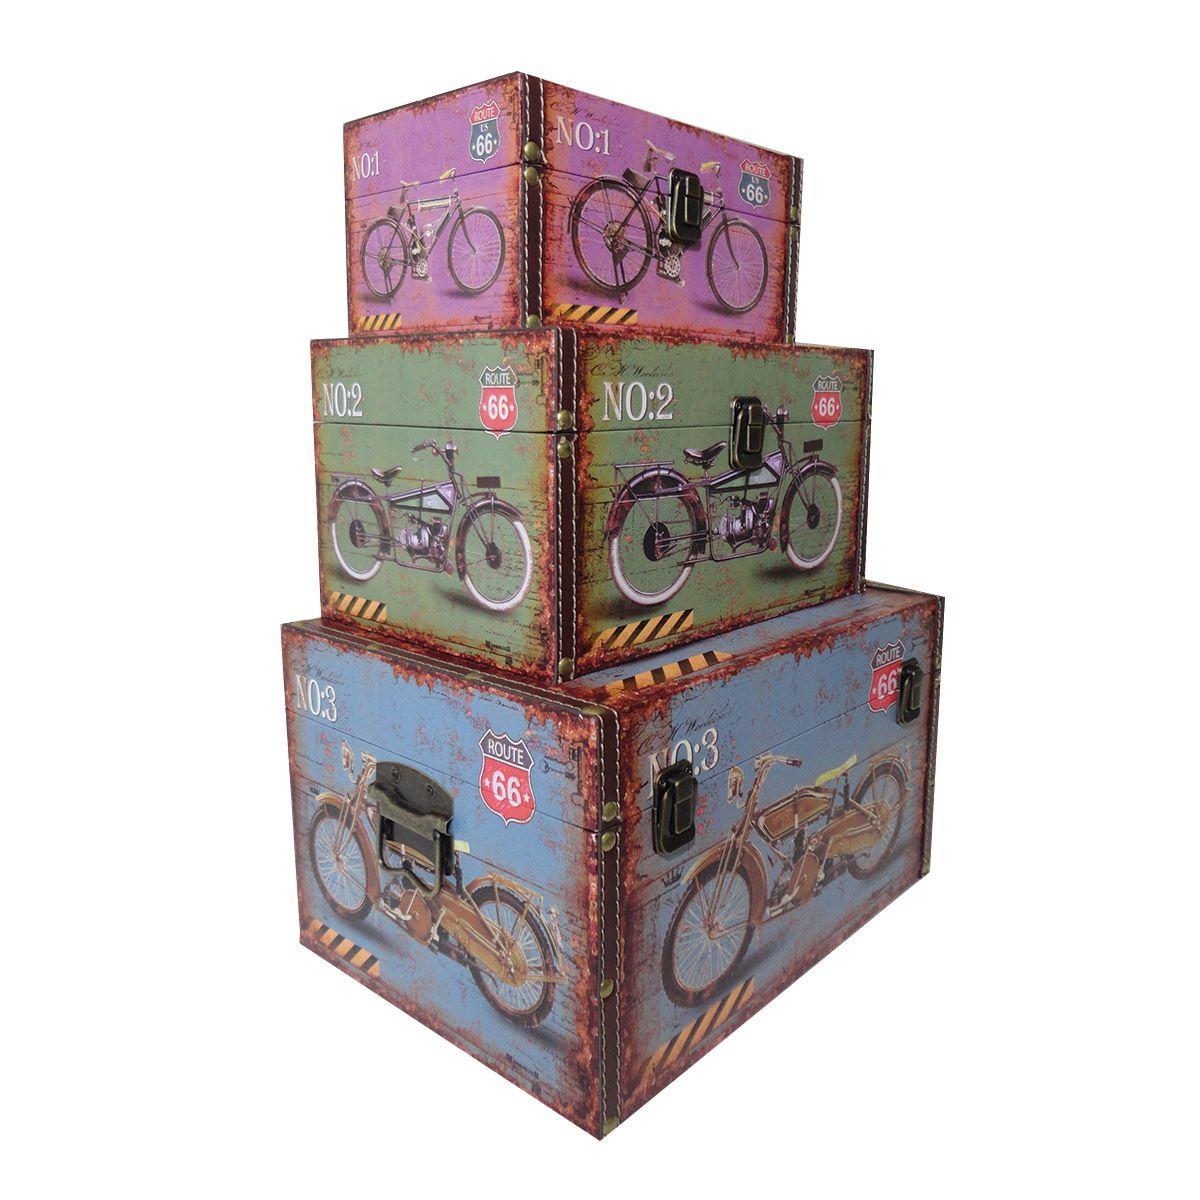 Kit Com 3 Caixas Organizadora mod. Route 66